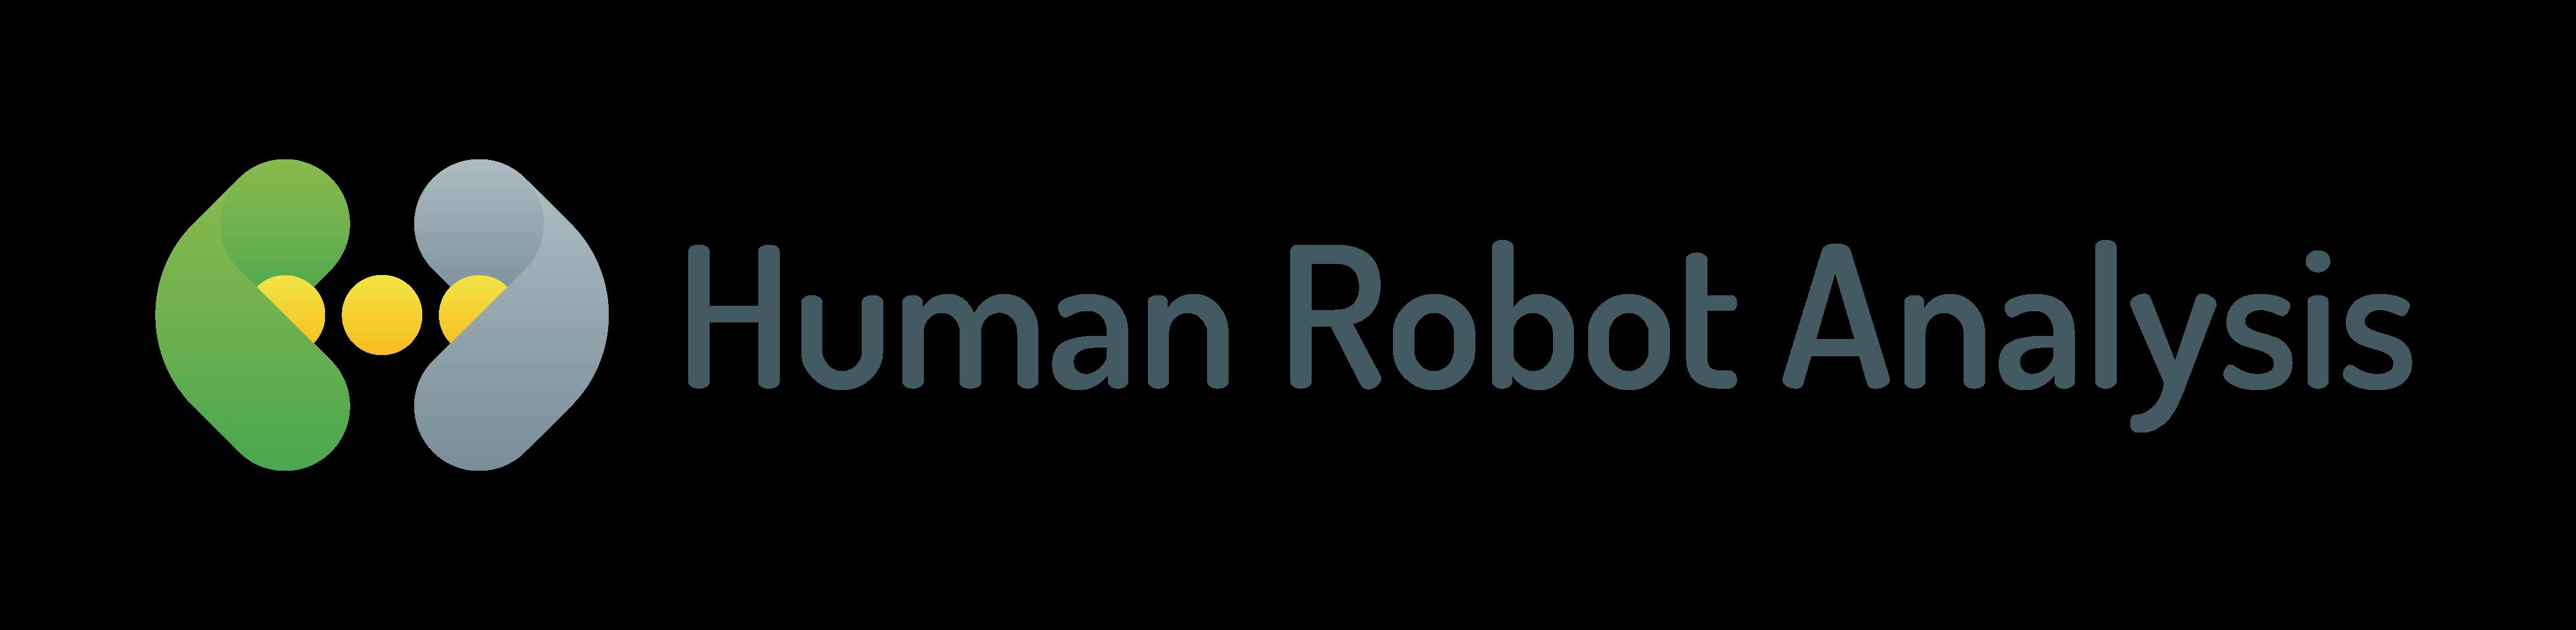 Human Robot Analysis 株式会社